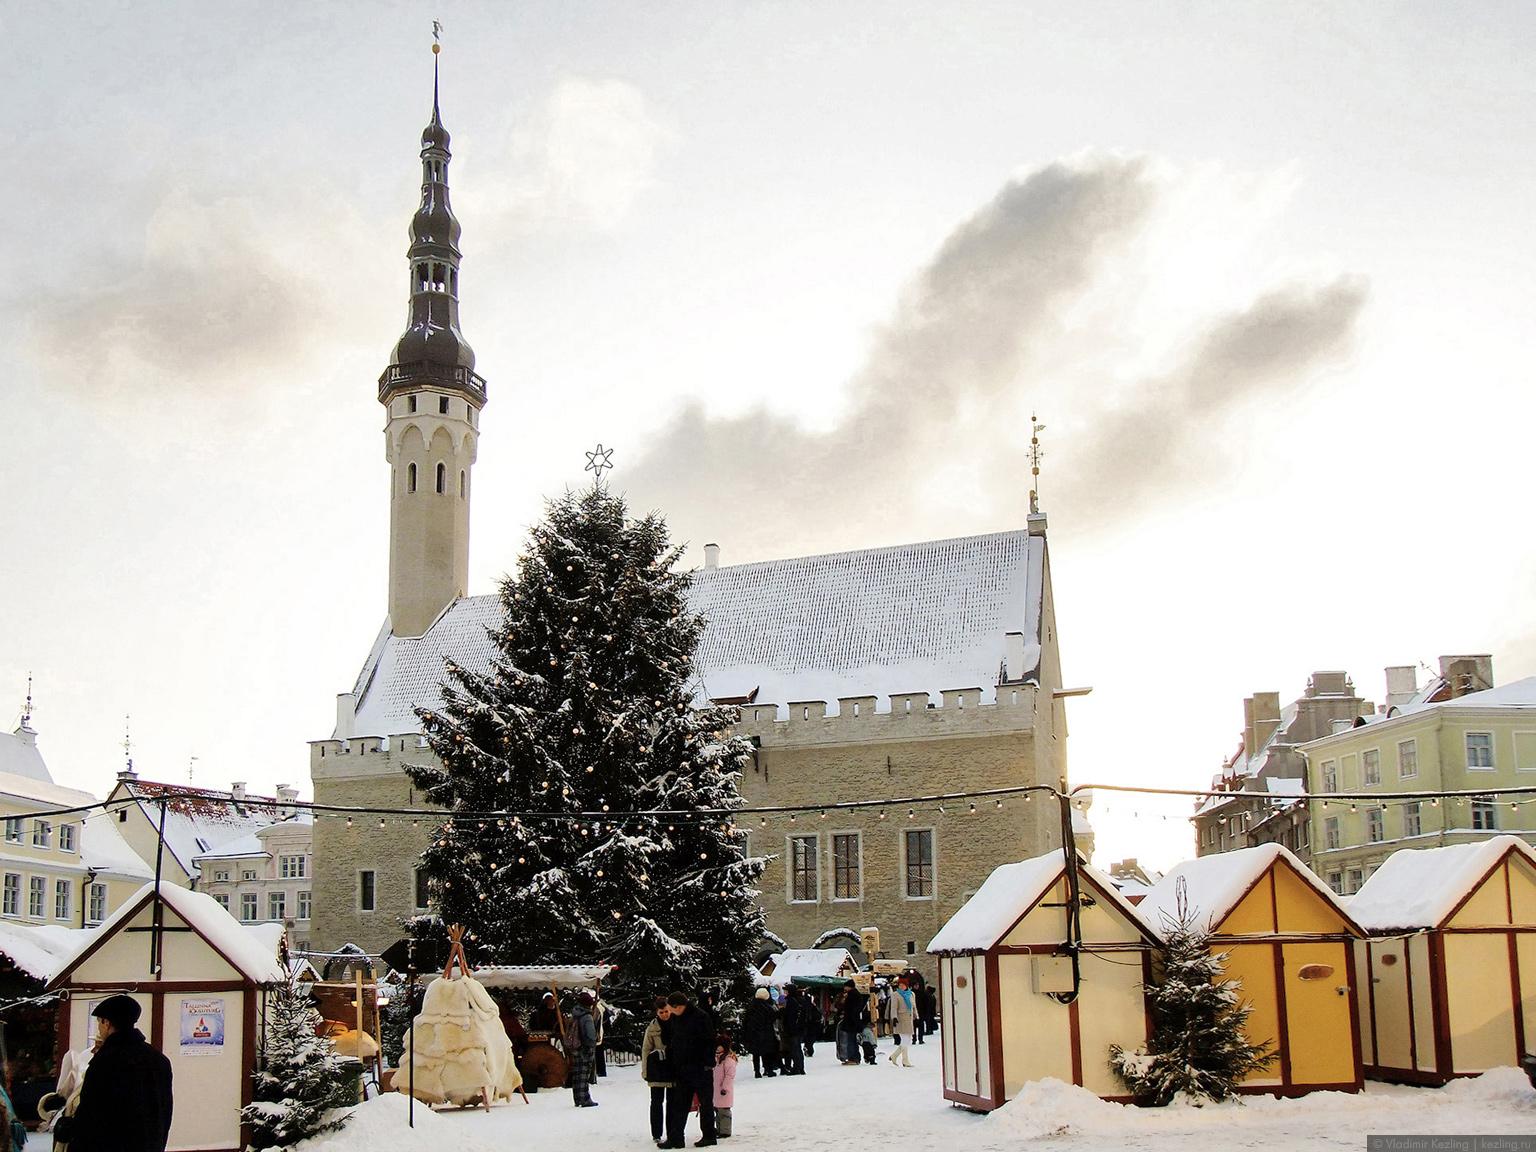 Новогодняя повесть. Старый город Таллина: Нижний город